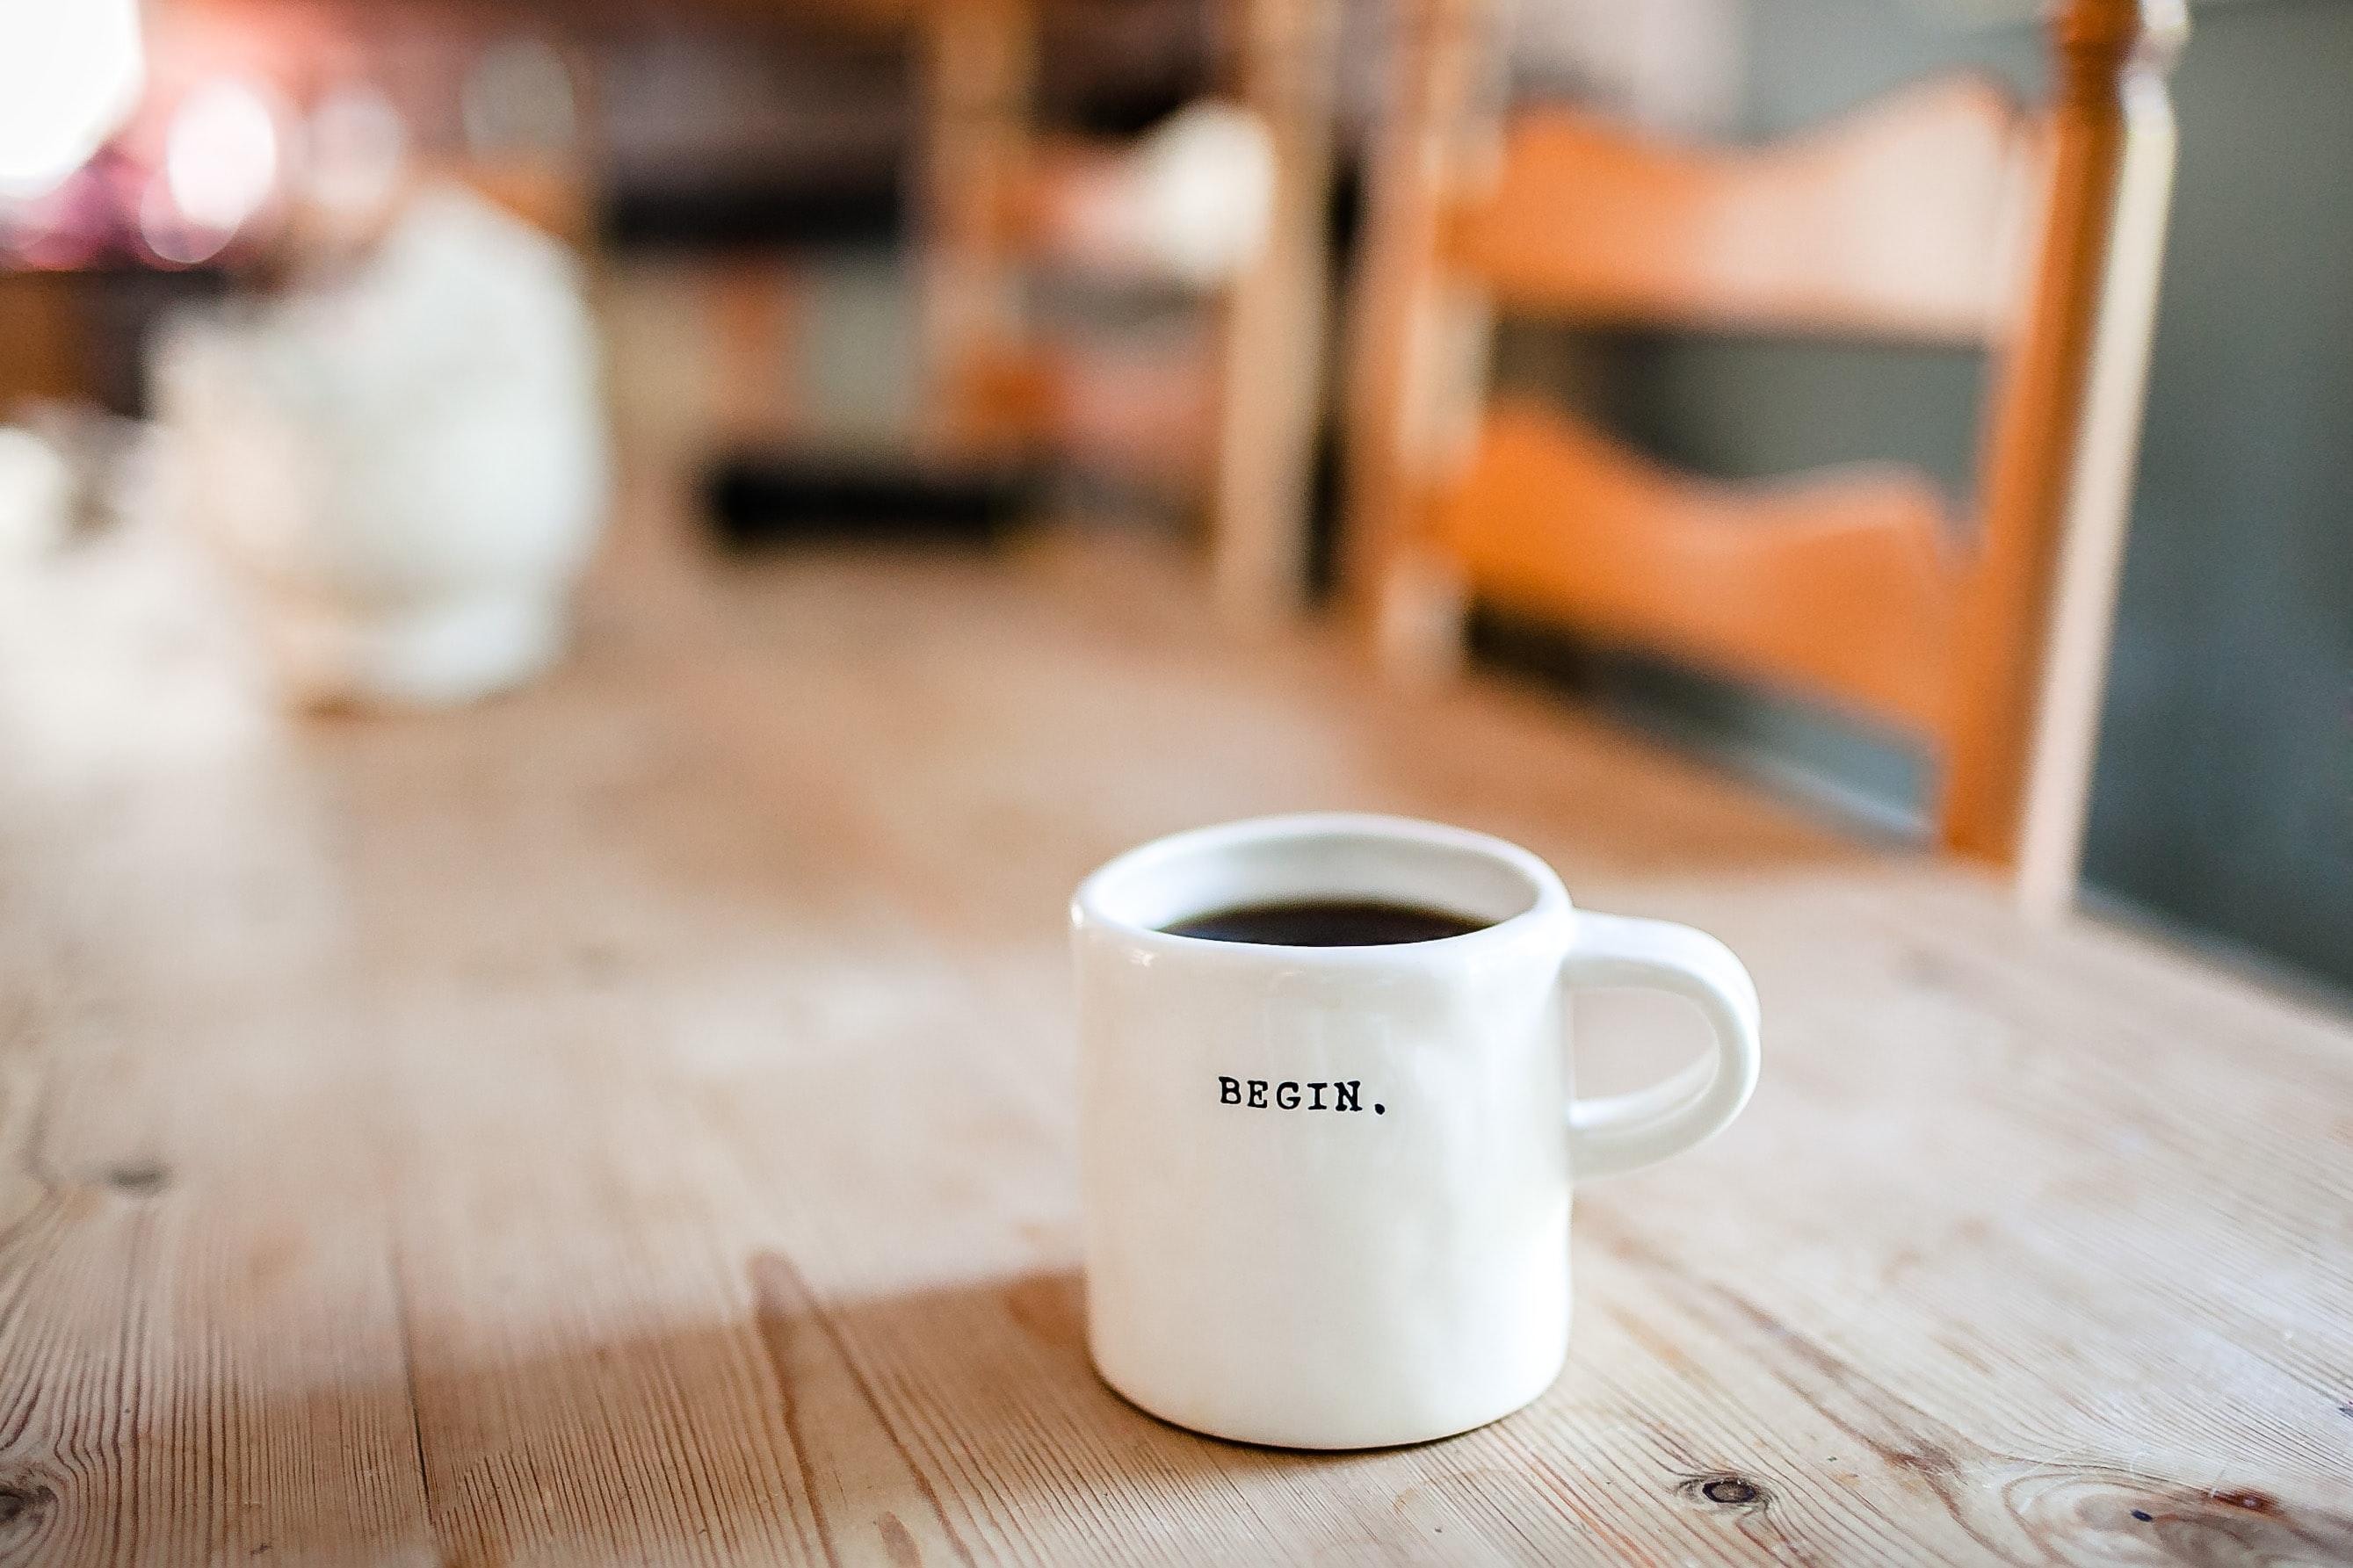 「英語学習は朝が効果的!? おすすめ理由とポイントを説明」のアイキャッチ画像